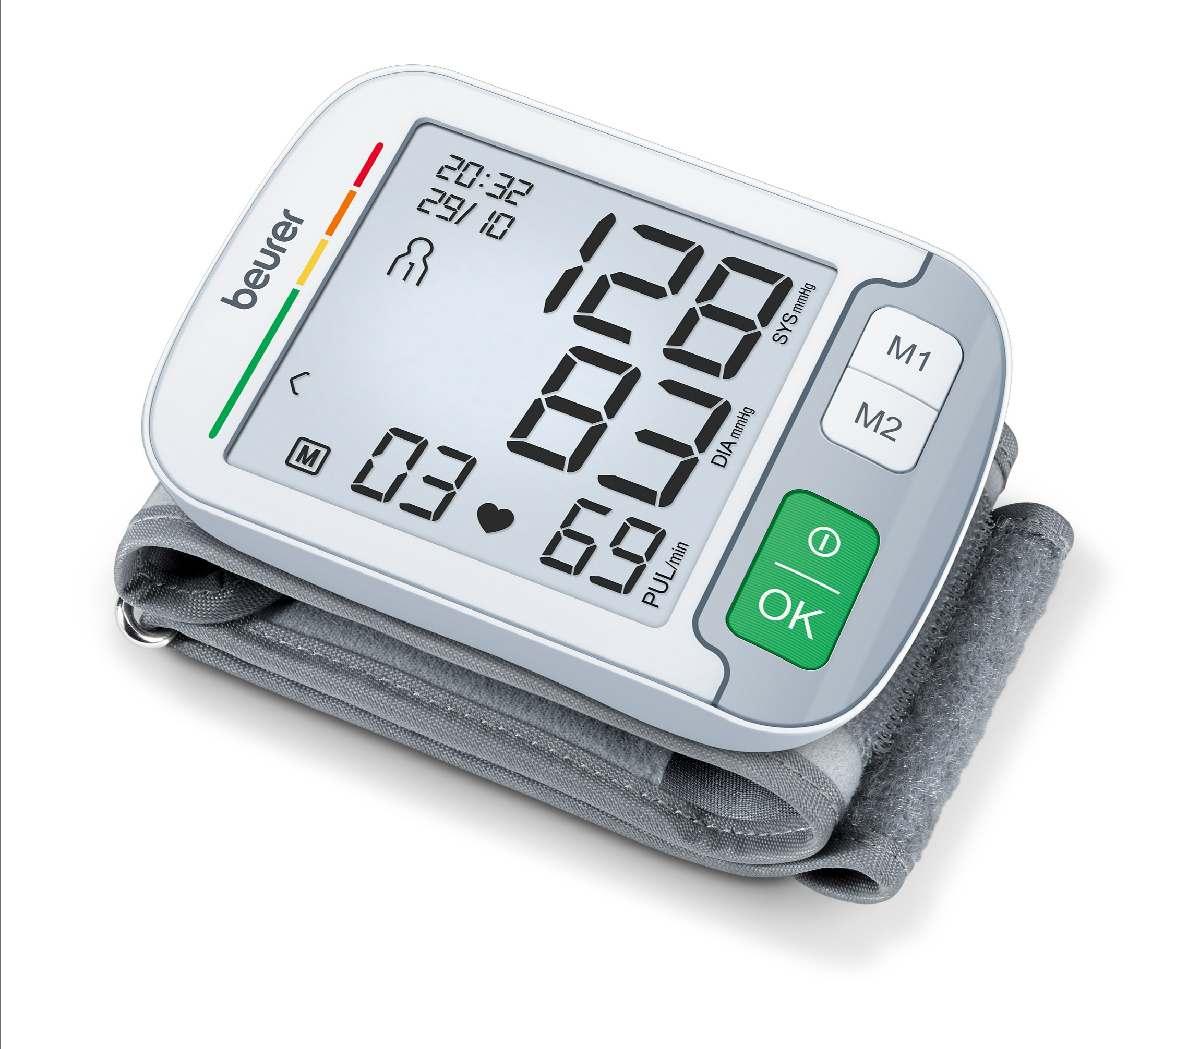 beurer Handgelenk-Blutdruckmessgerät BC 51